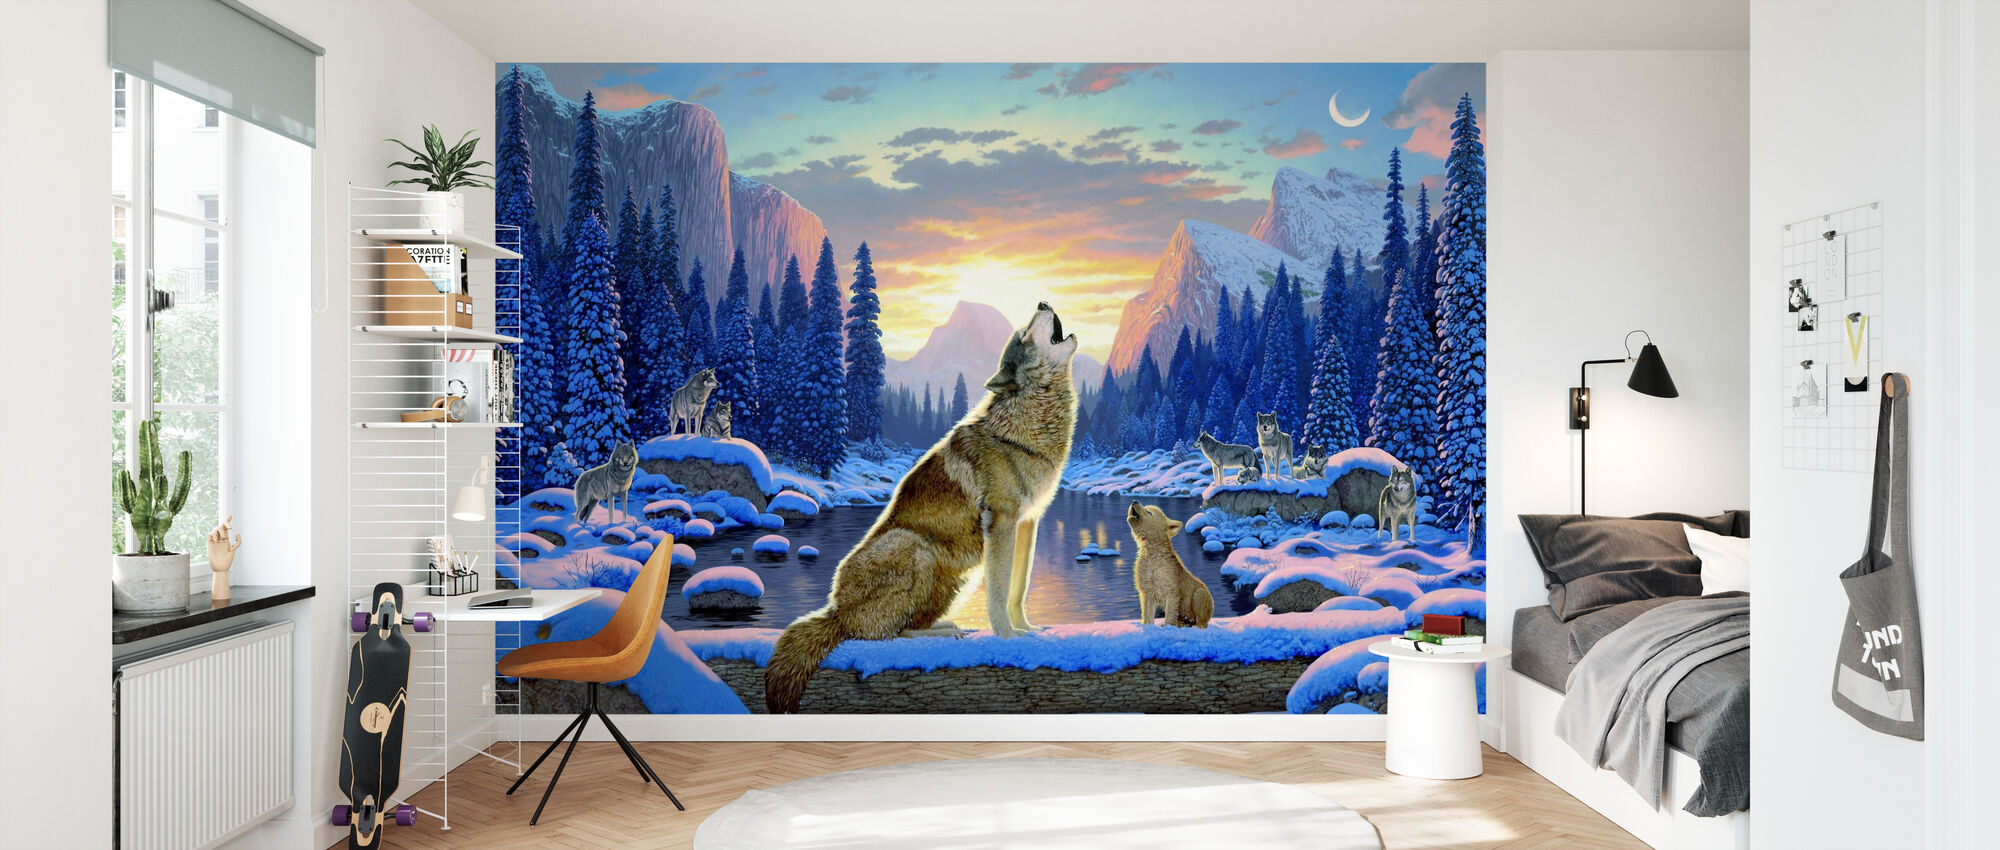 Sitter ulv og unge - Tapet - Barnerom